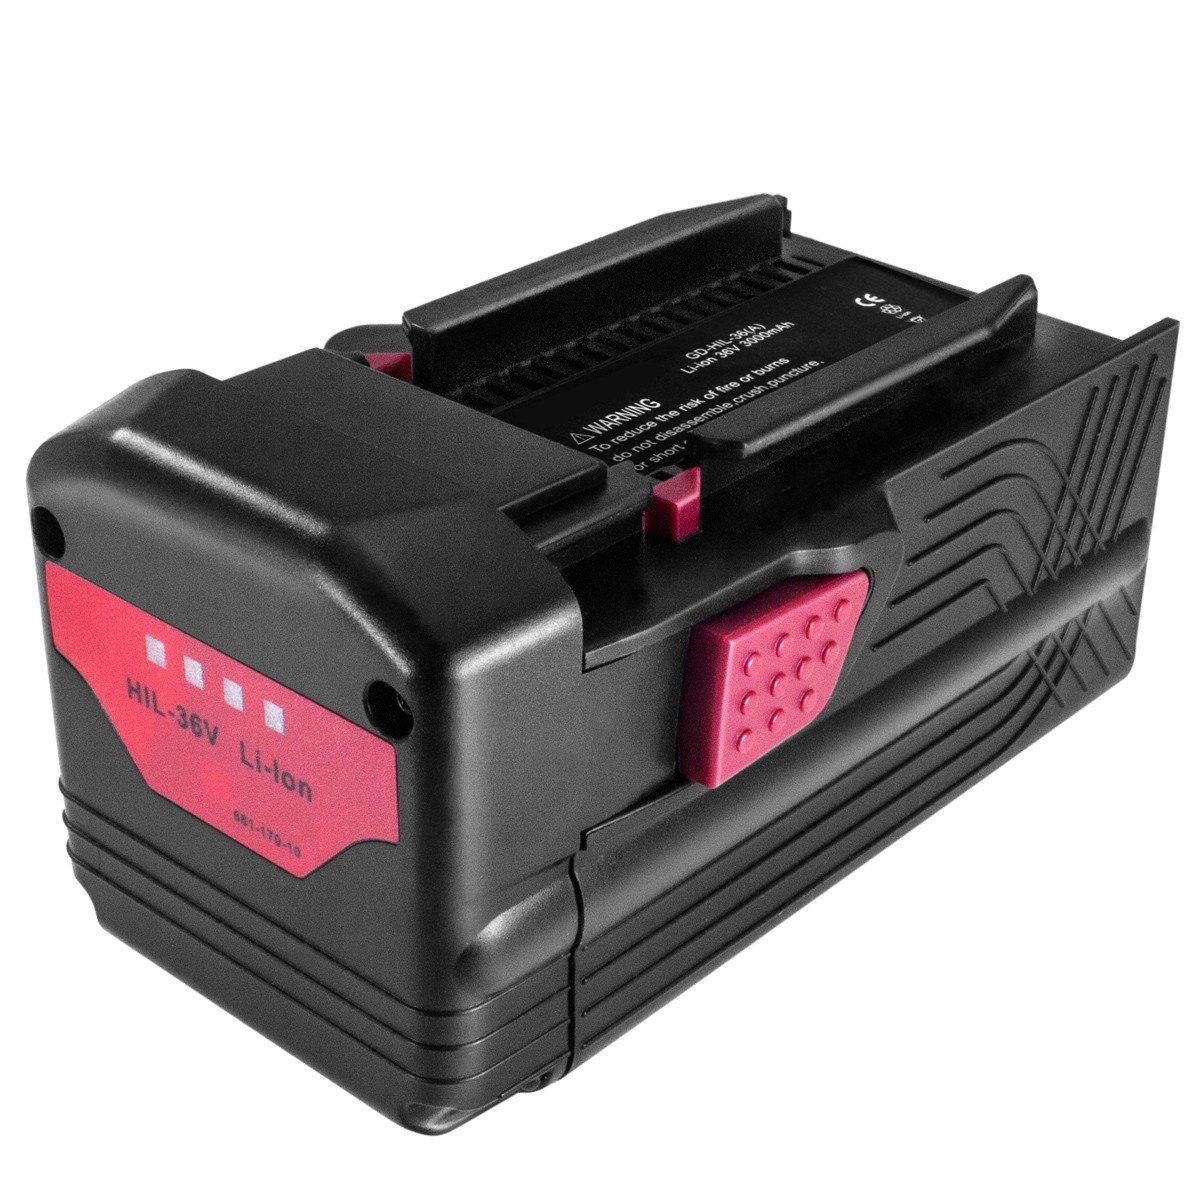 Akku kompatibel zu Hilti TE6A, TE 6A - ersetzt B36, B36V, B36/3.0, B 36/3.0 - Li-Ion 3000mAh 36V